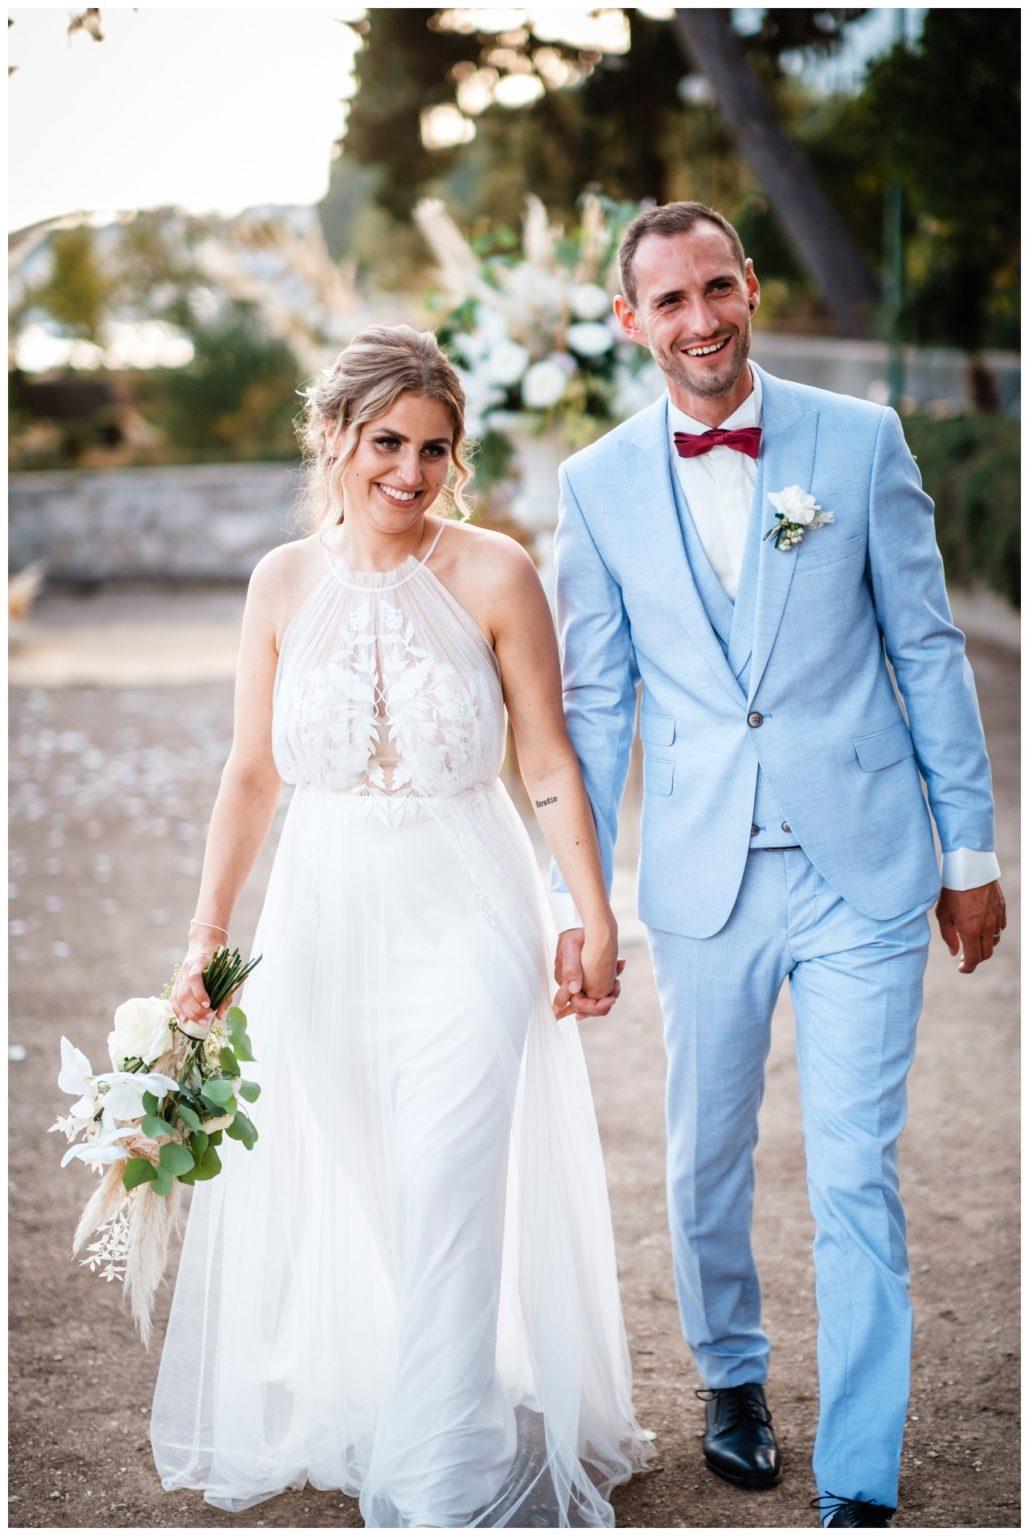 hochzeit brac inse boho heiraten kroatien hochzeitsplaner 44 - Glam Boho Hochzeit auf der Insel Brač